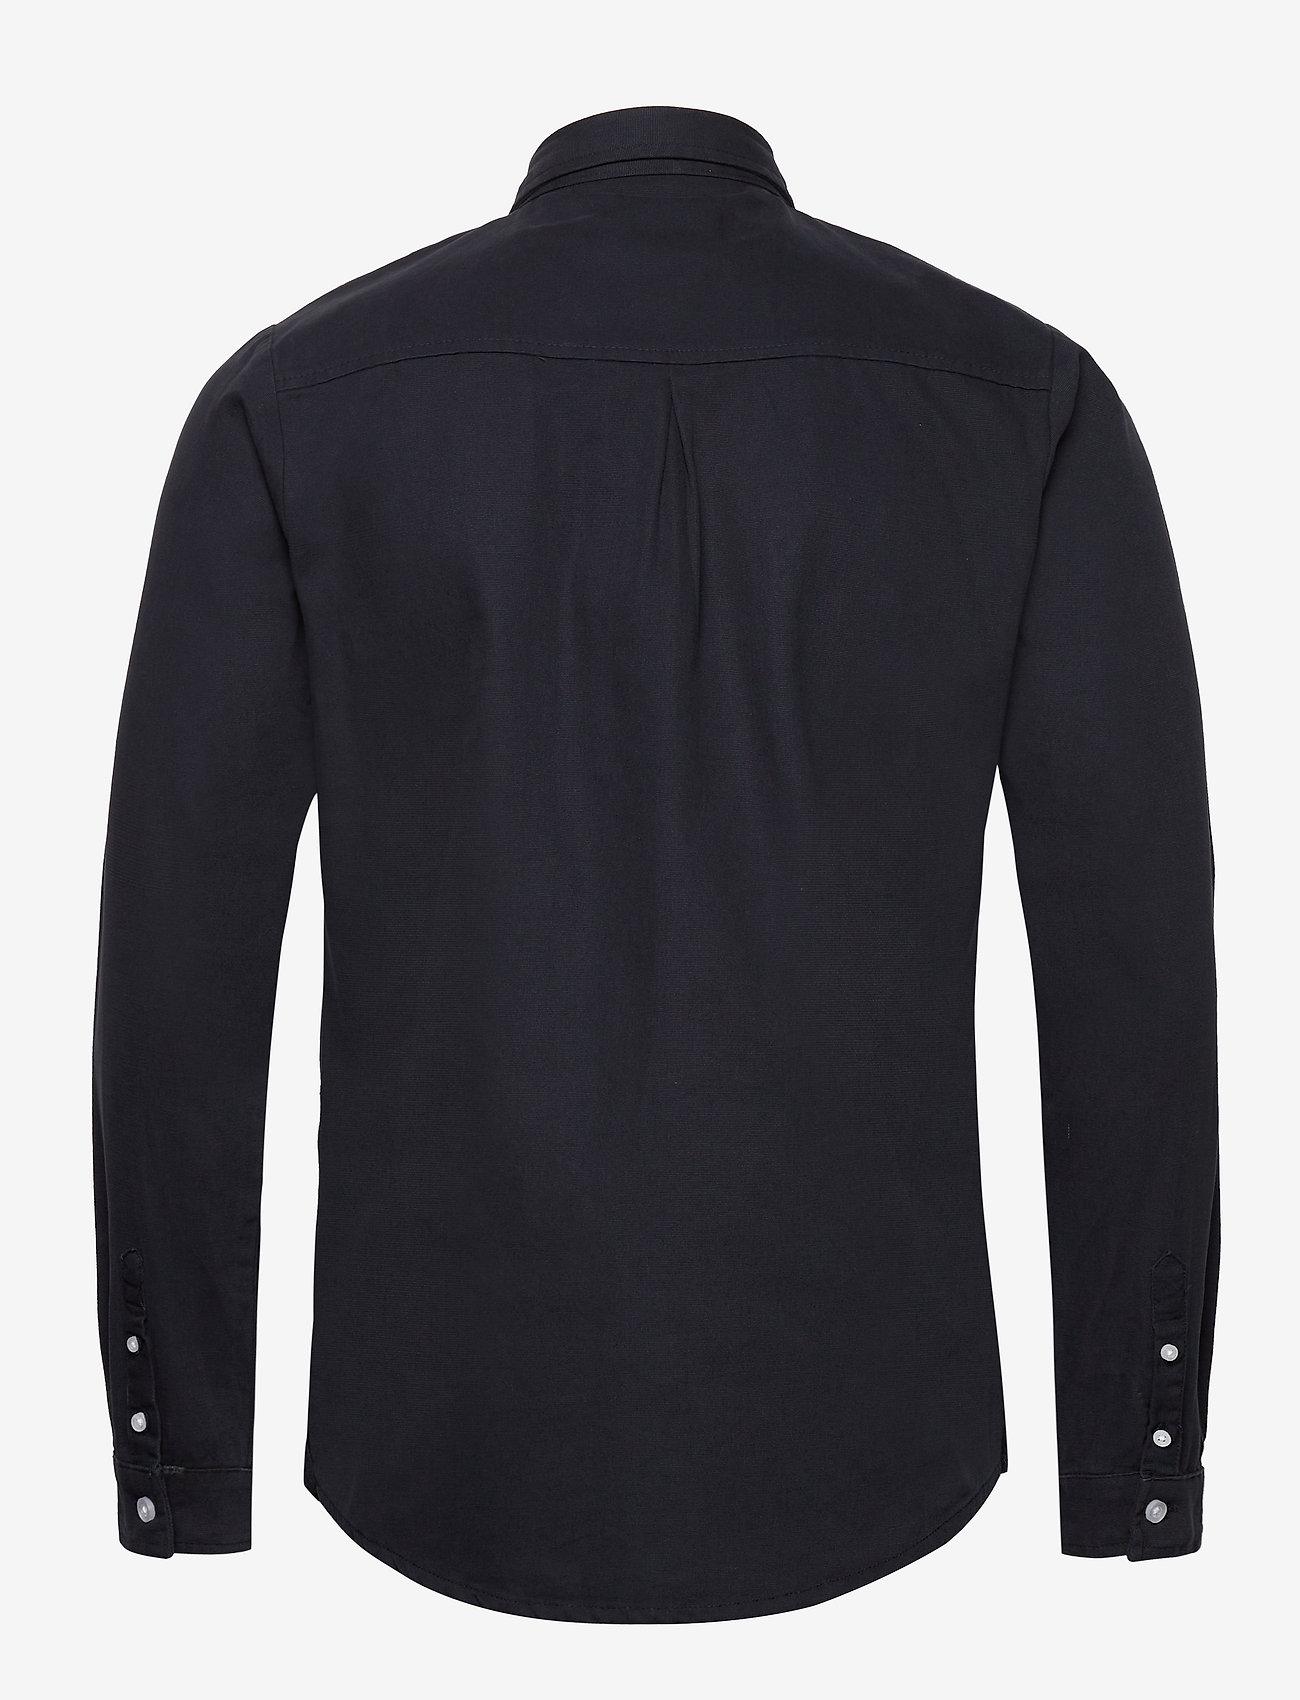 Denim project LUIS SHIRT - Skjorter NAVY - Menn Klær